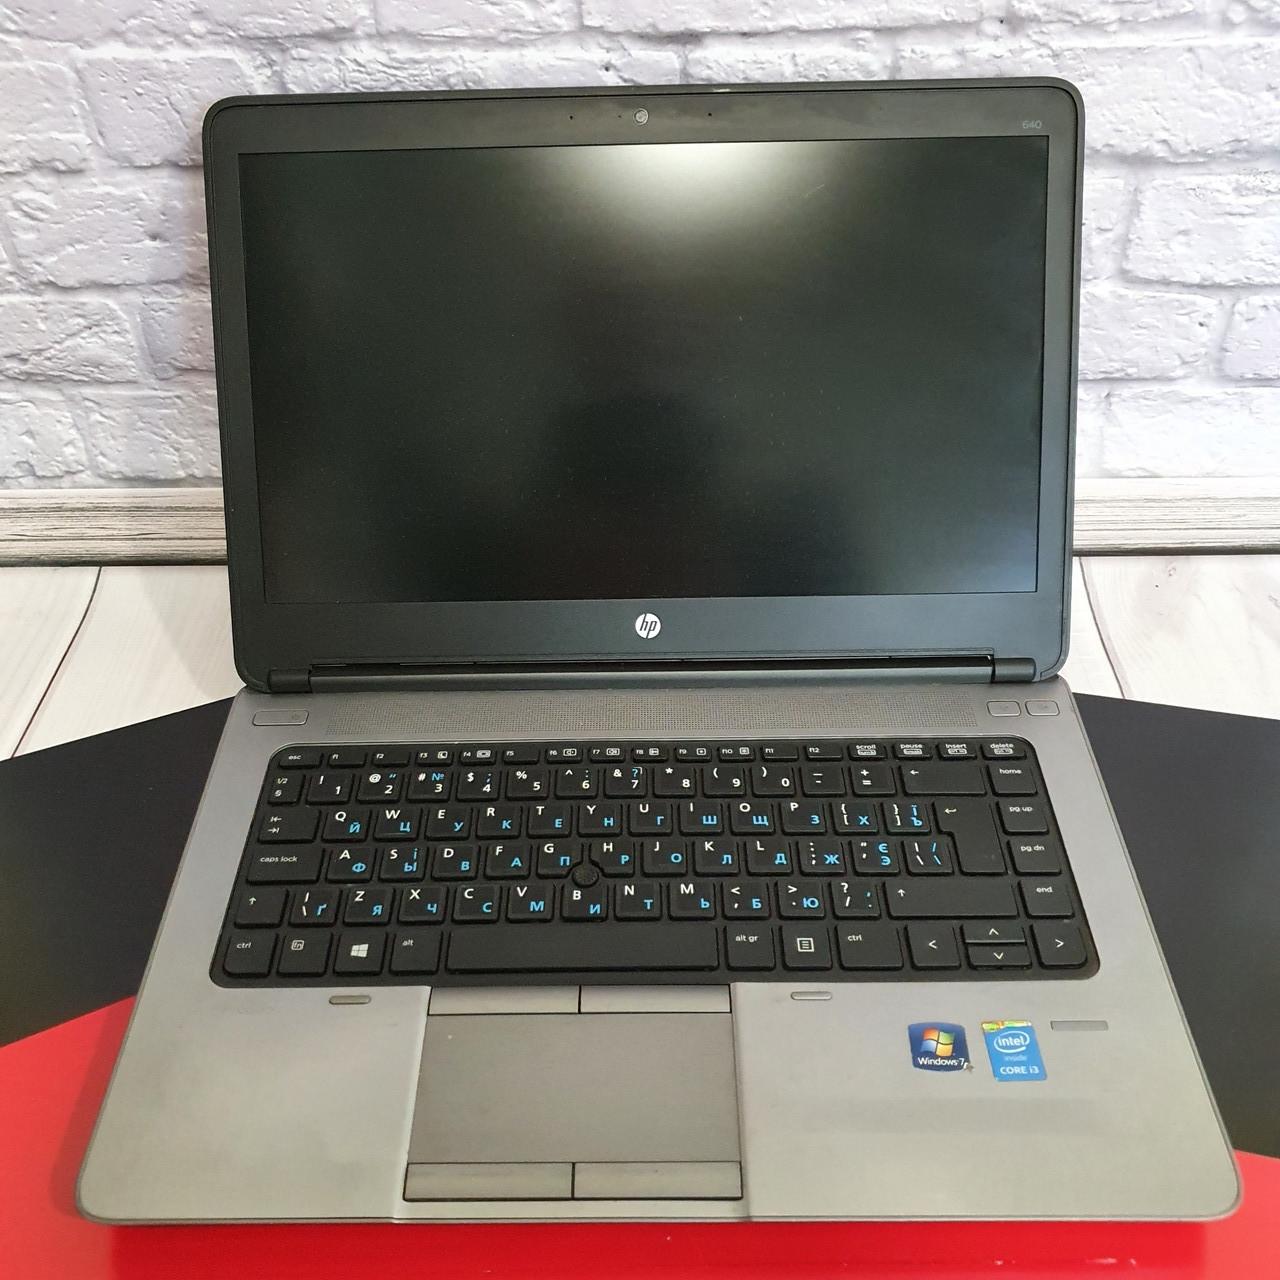 Ноутбук HP ProBook 640 14( Intel Core i3- 4000m/4x2.40GHz/4Gb DDR3/HDD 320 Gb/HD 4600)